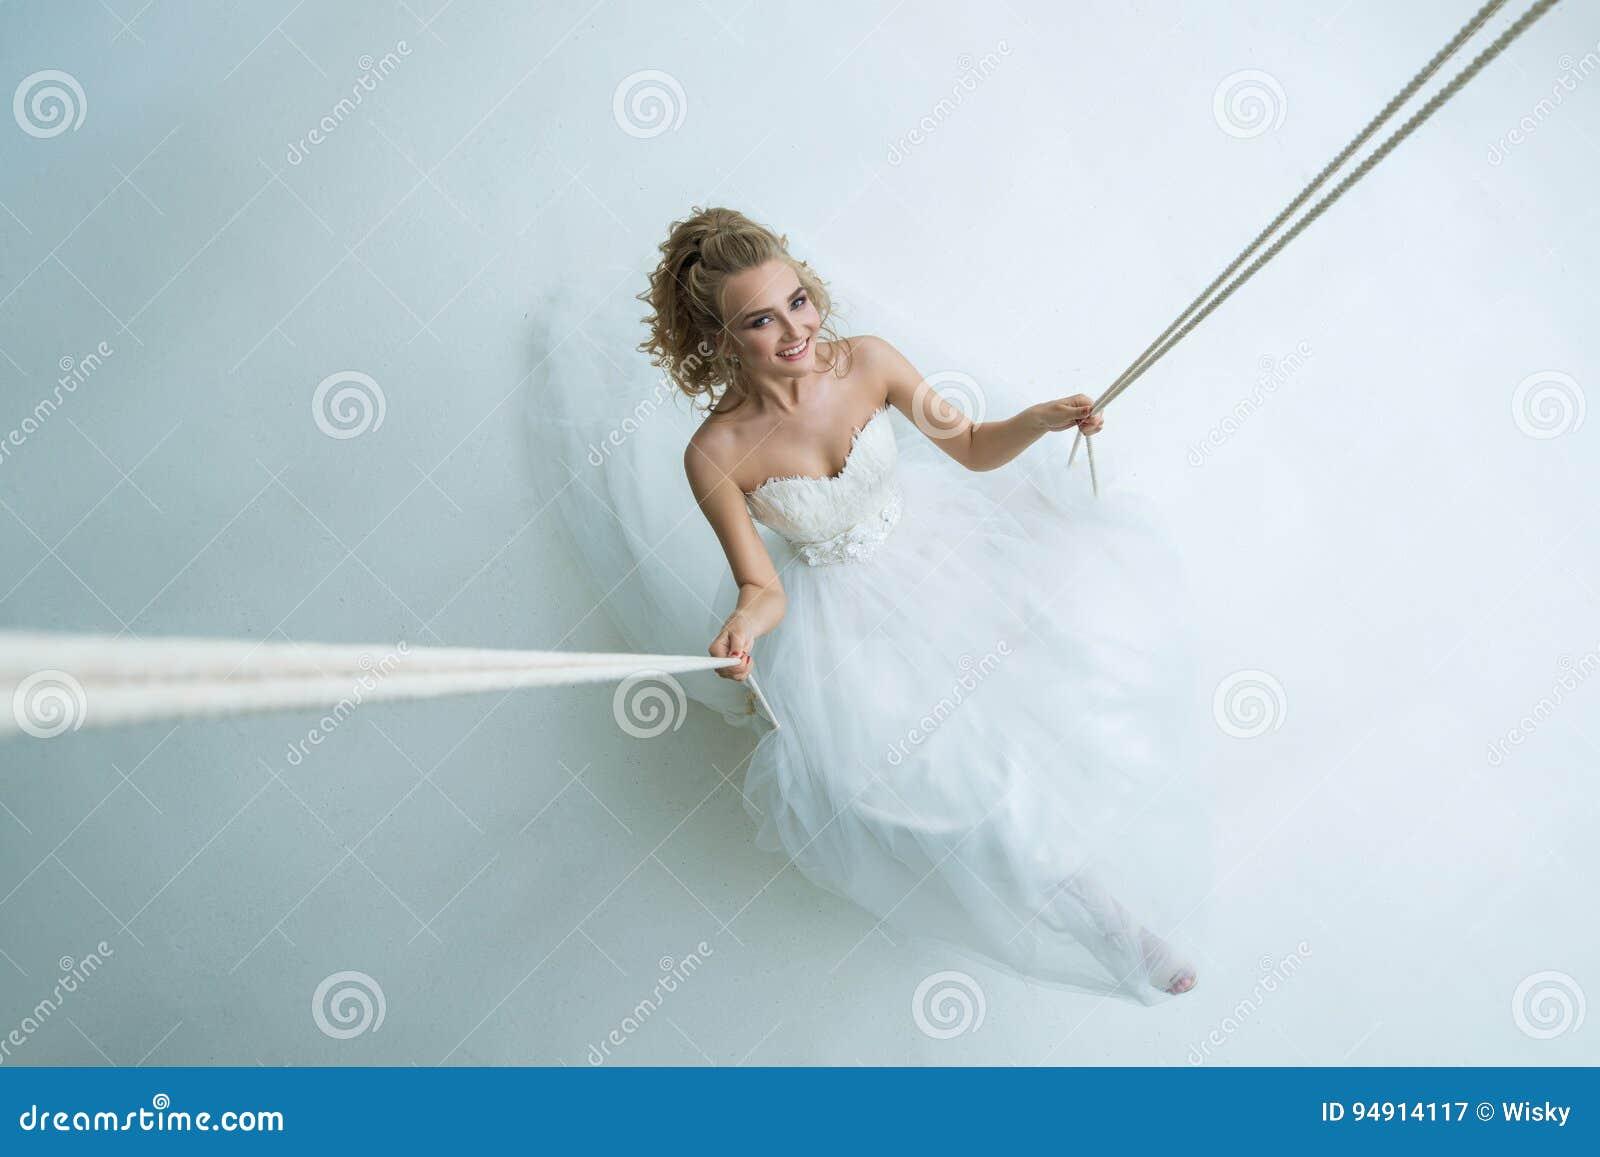 Herrliche junge Braut auf Schwingen im Studio